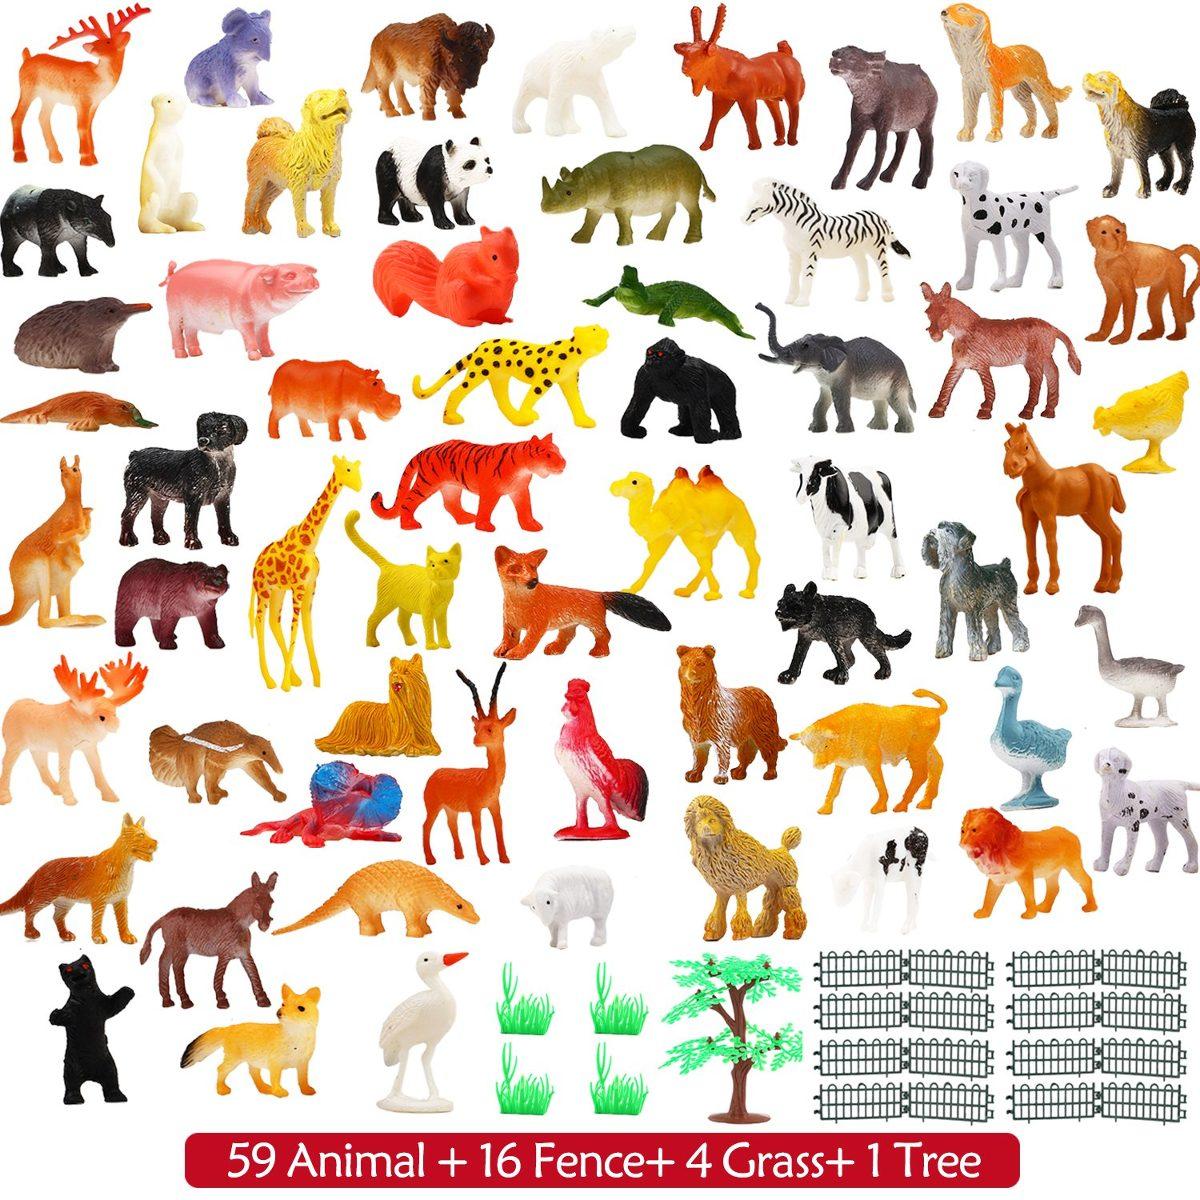 1dd3708f646e Figura De Animales, 80 Piezas Mini Safari Selva Animales. - U$S 53 ...